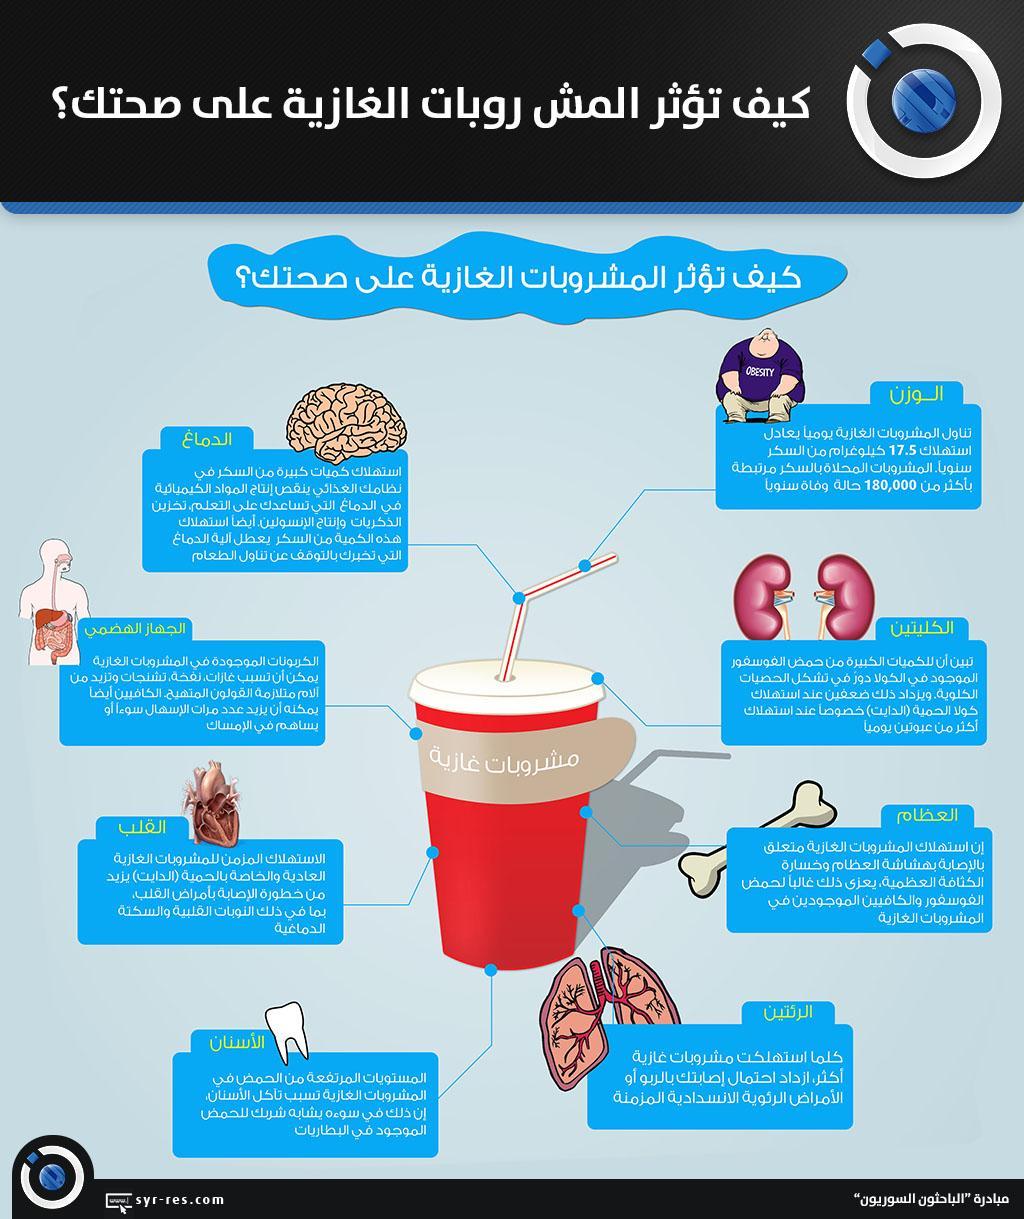 كيف تؤثر المشروبات الغازية على صحتك؟